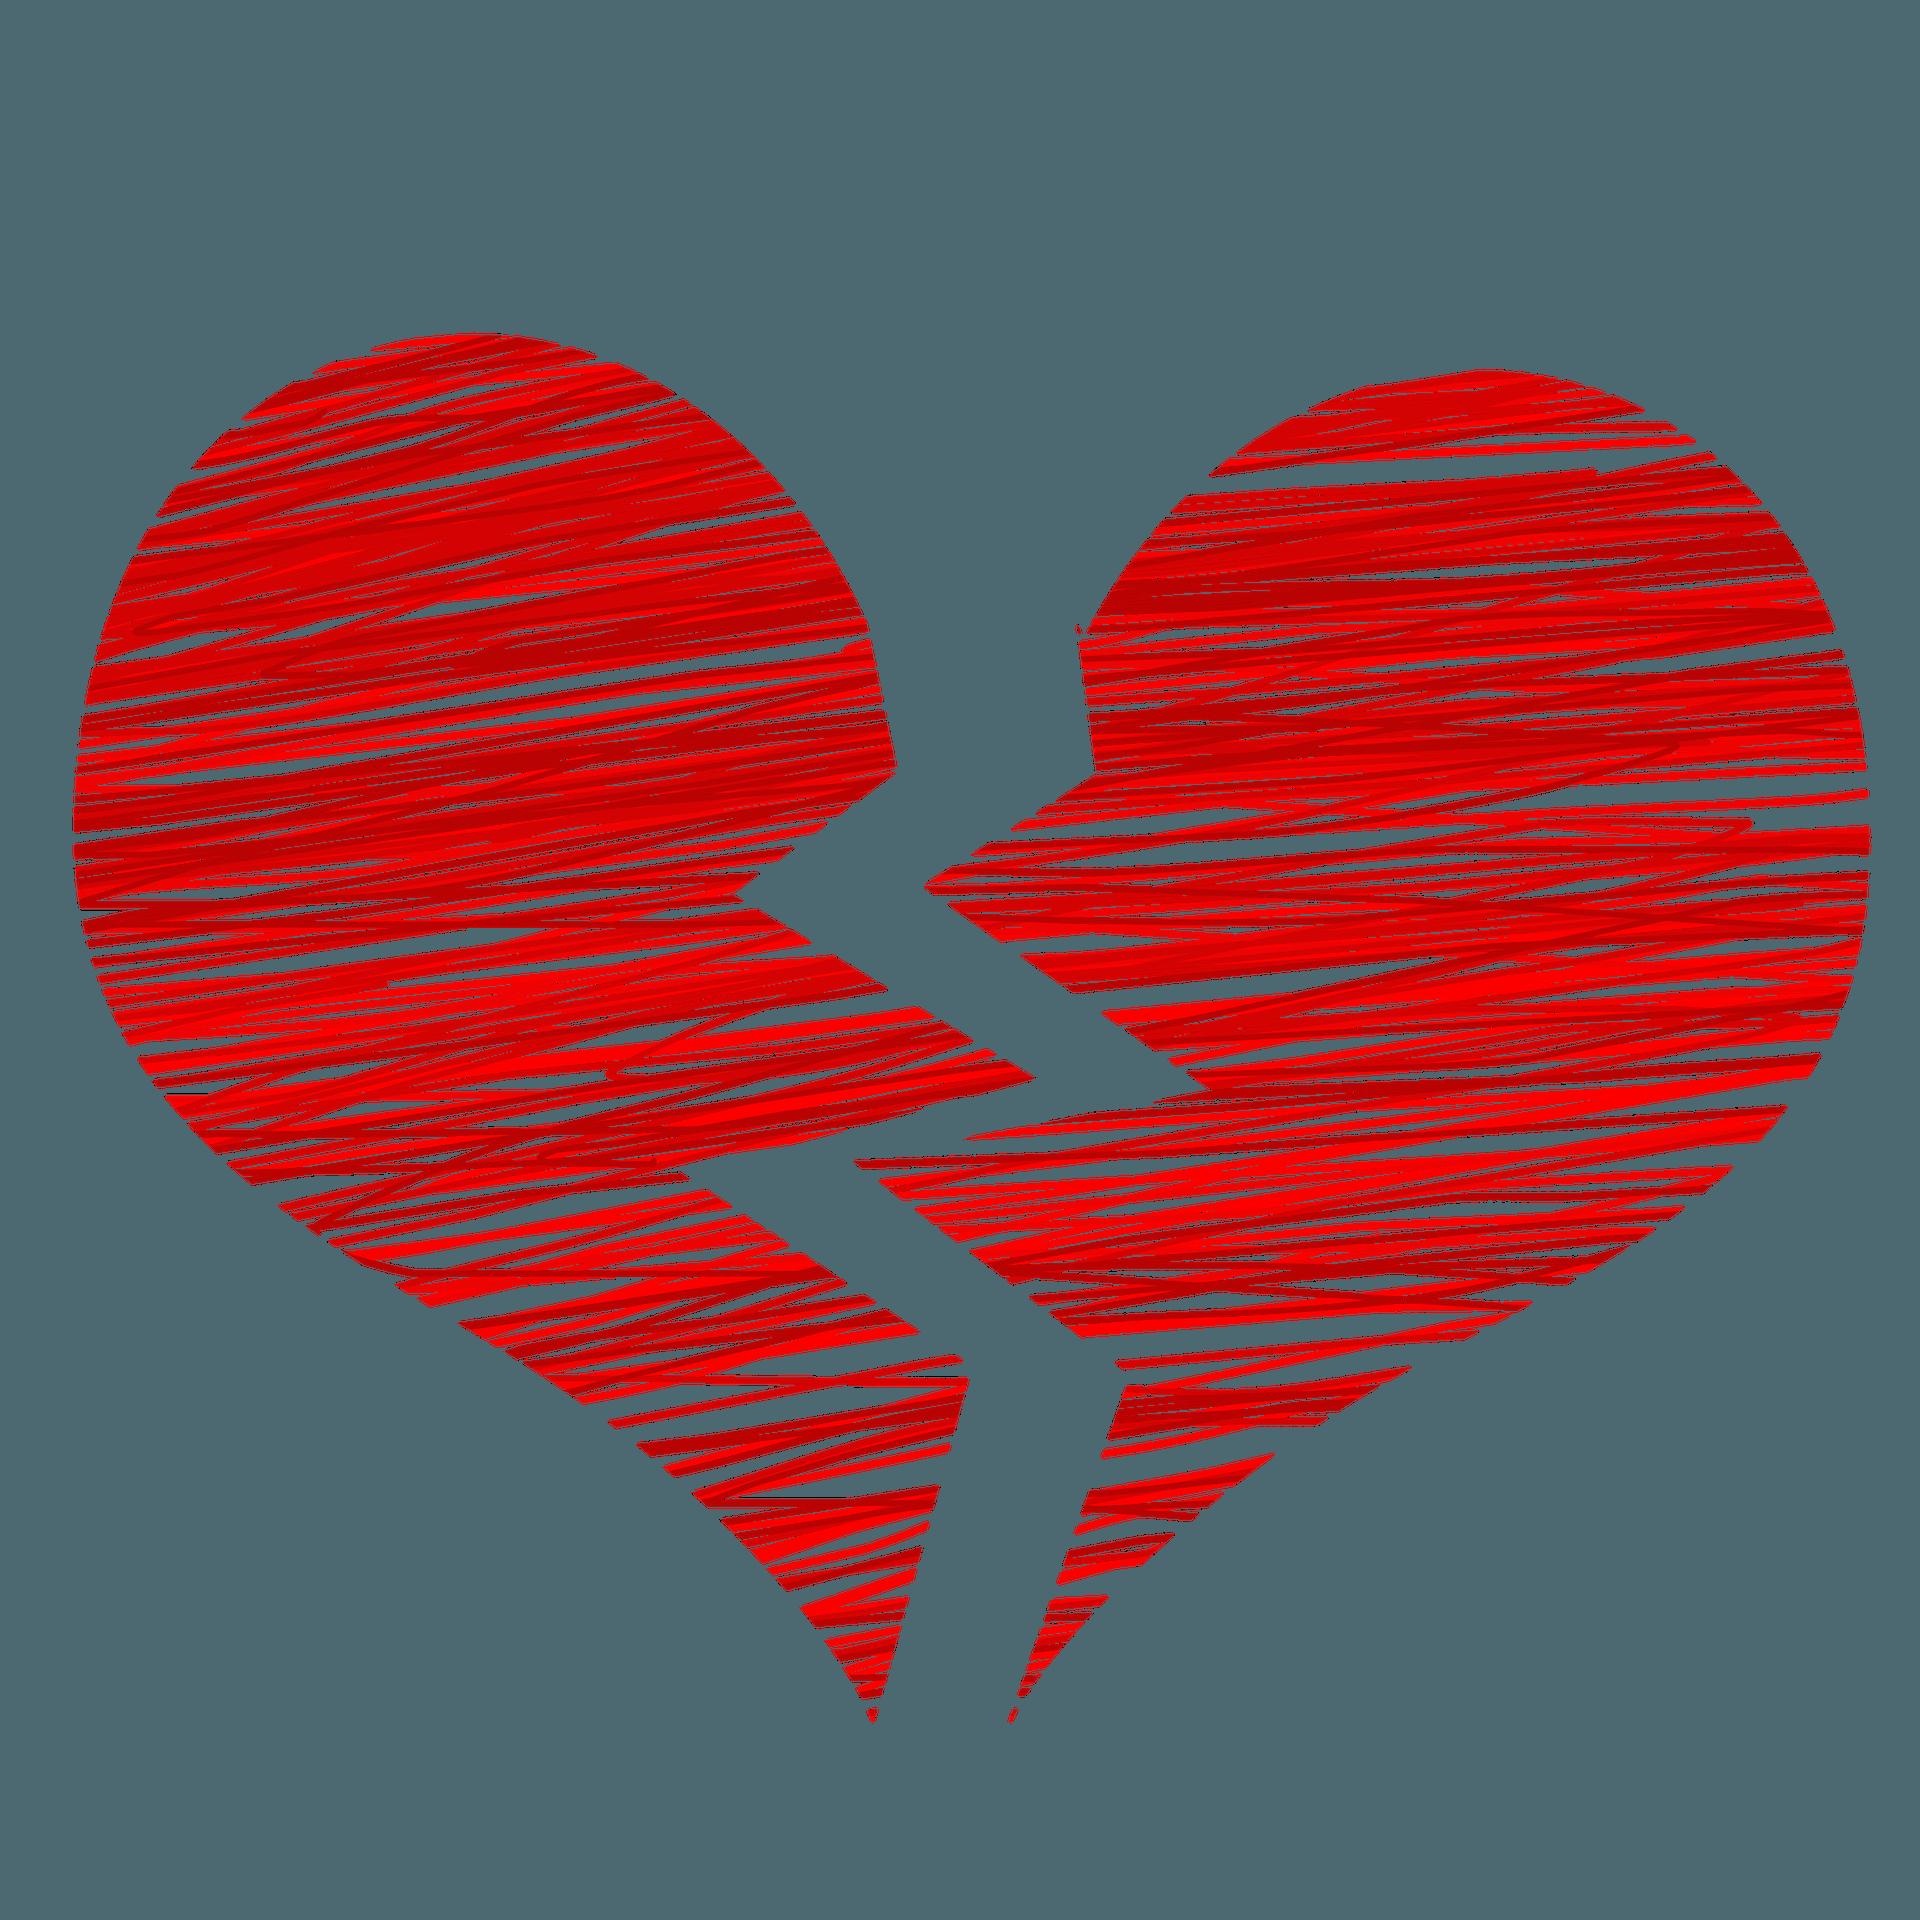 Die Online-Scheidung – Modern, schnell und kostengünstig aif mond-blog.de